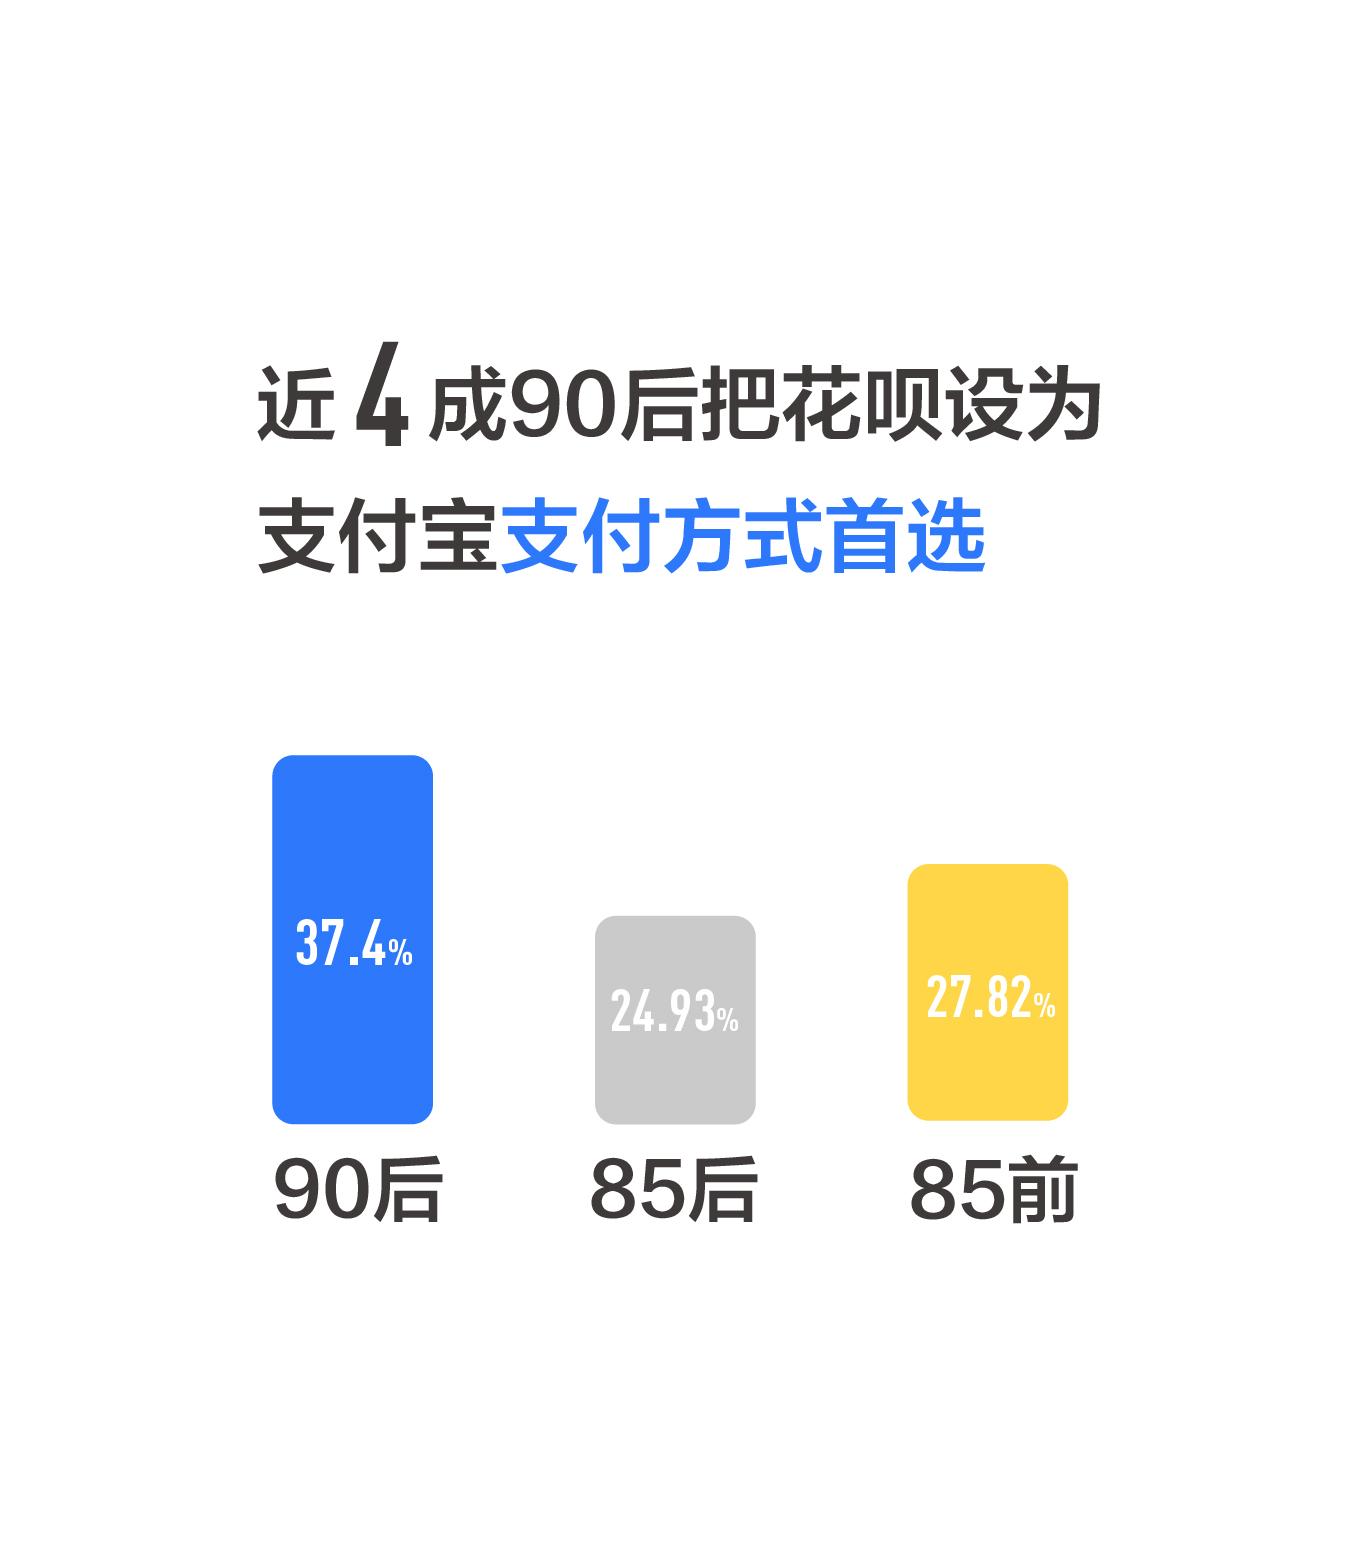 图3:近4成90后用户把花呗设为支付宝支付方式首选